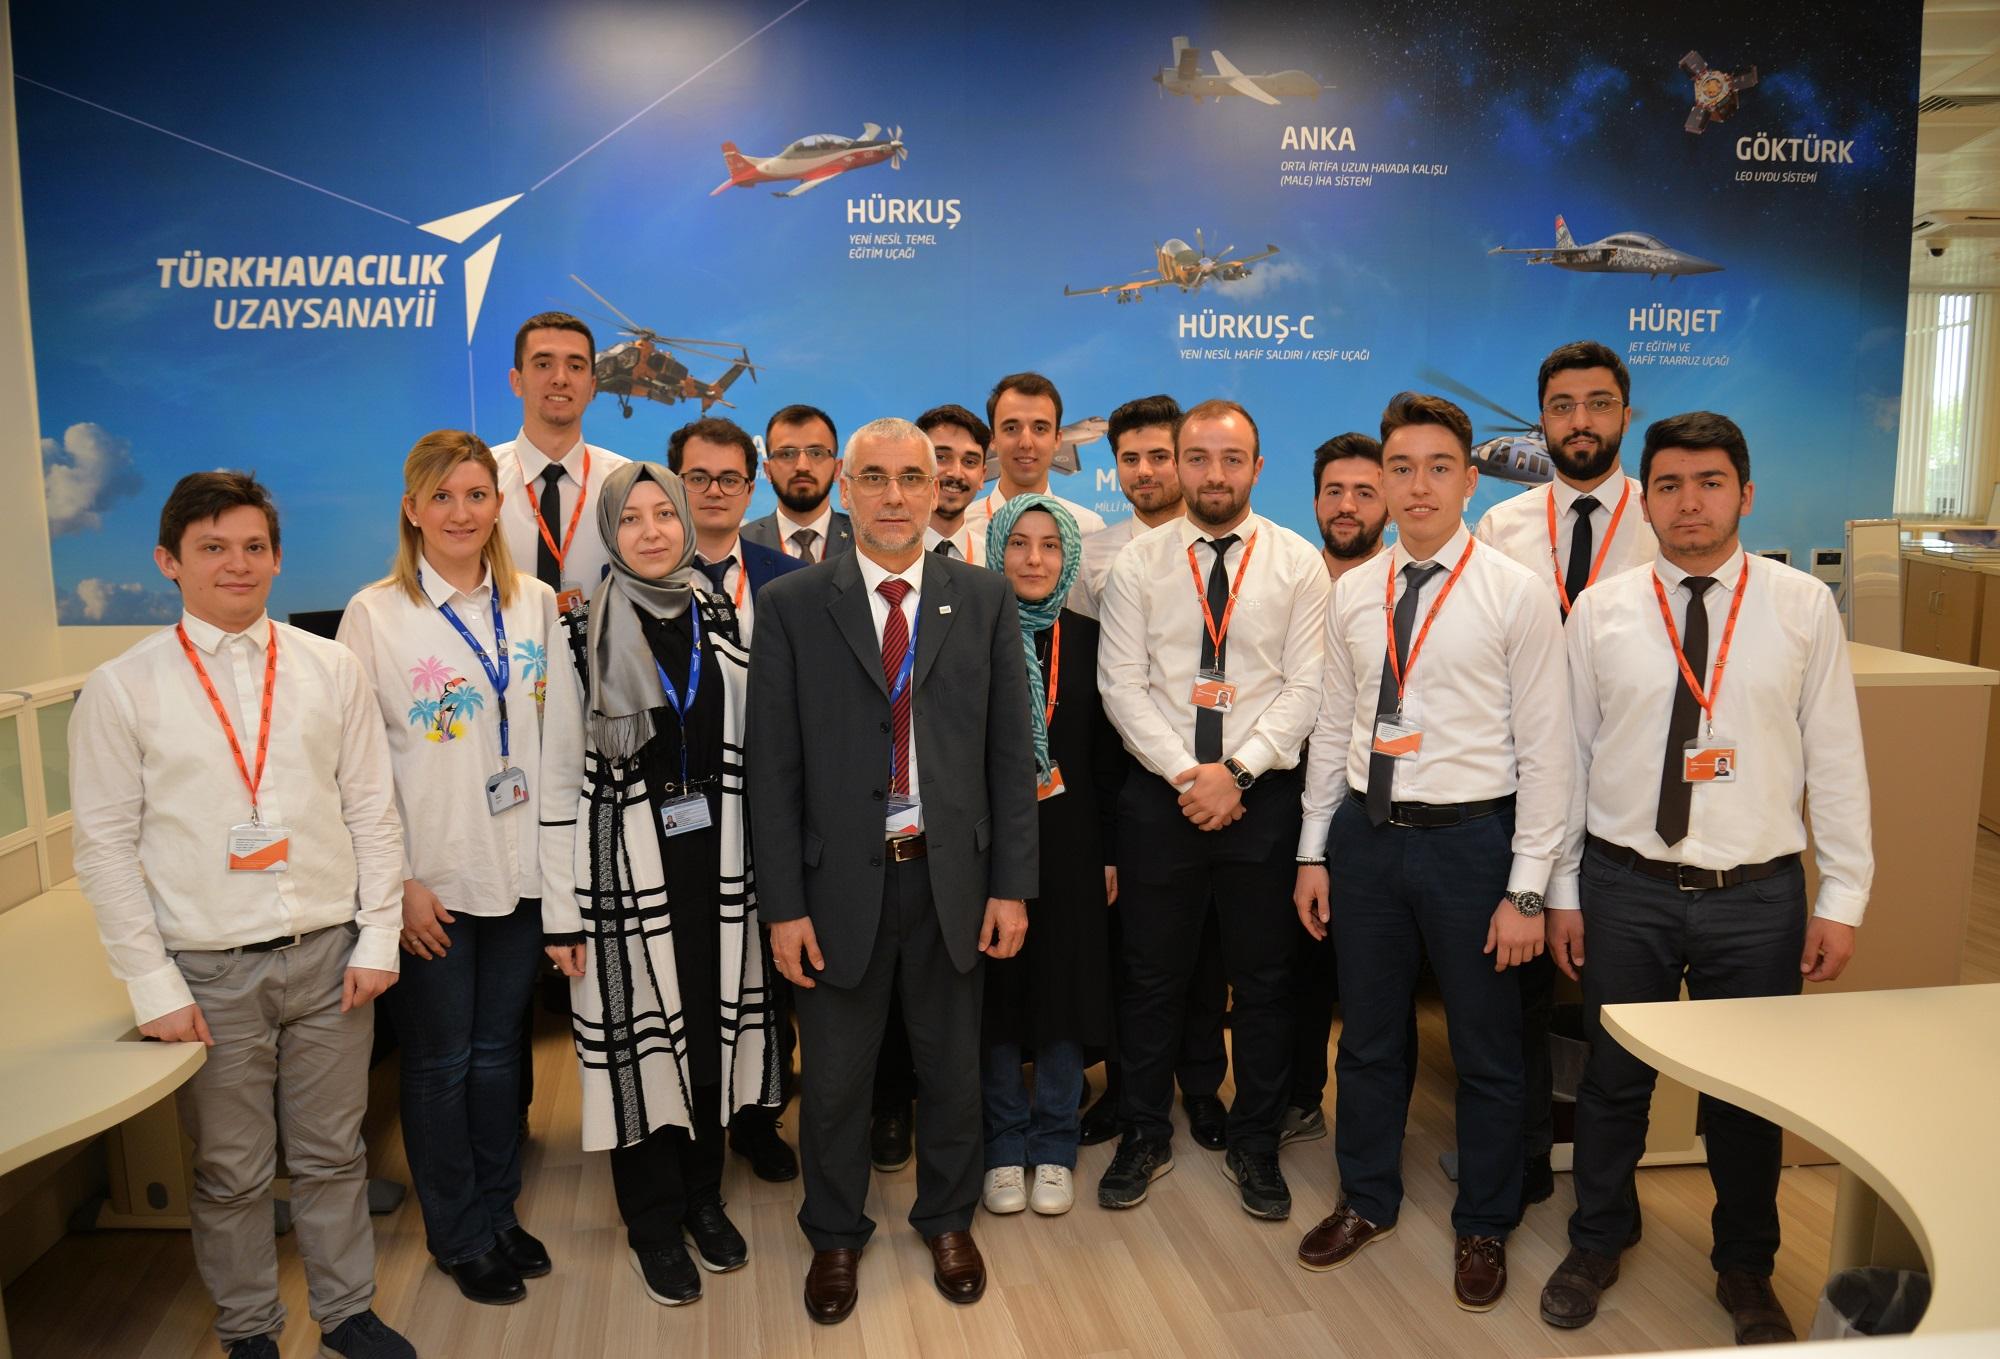 TUSAŞ'ın Stajyer Mühendisleri Cevheri İle Hedefi 12' den Vurmaya Hazırlanıyor